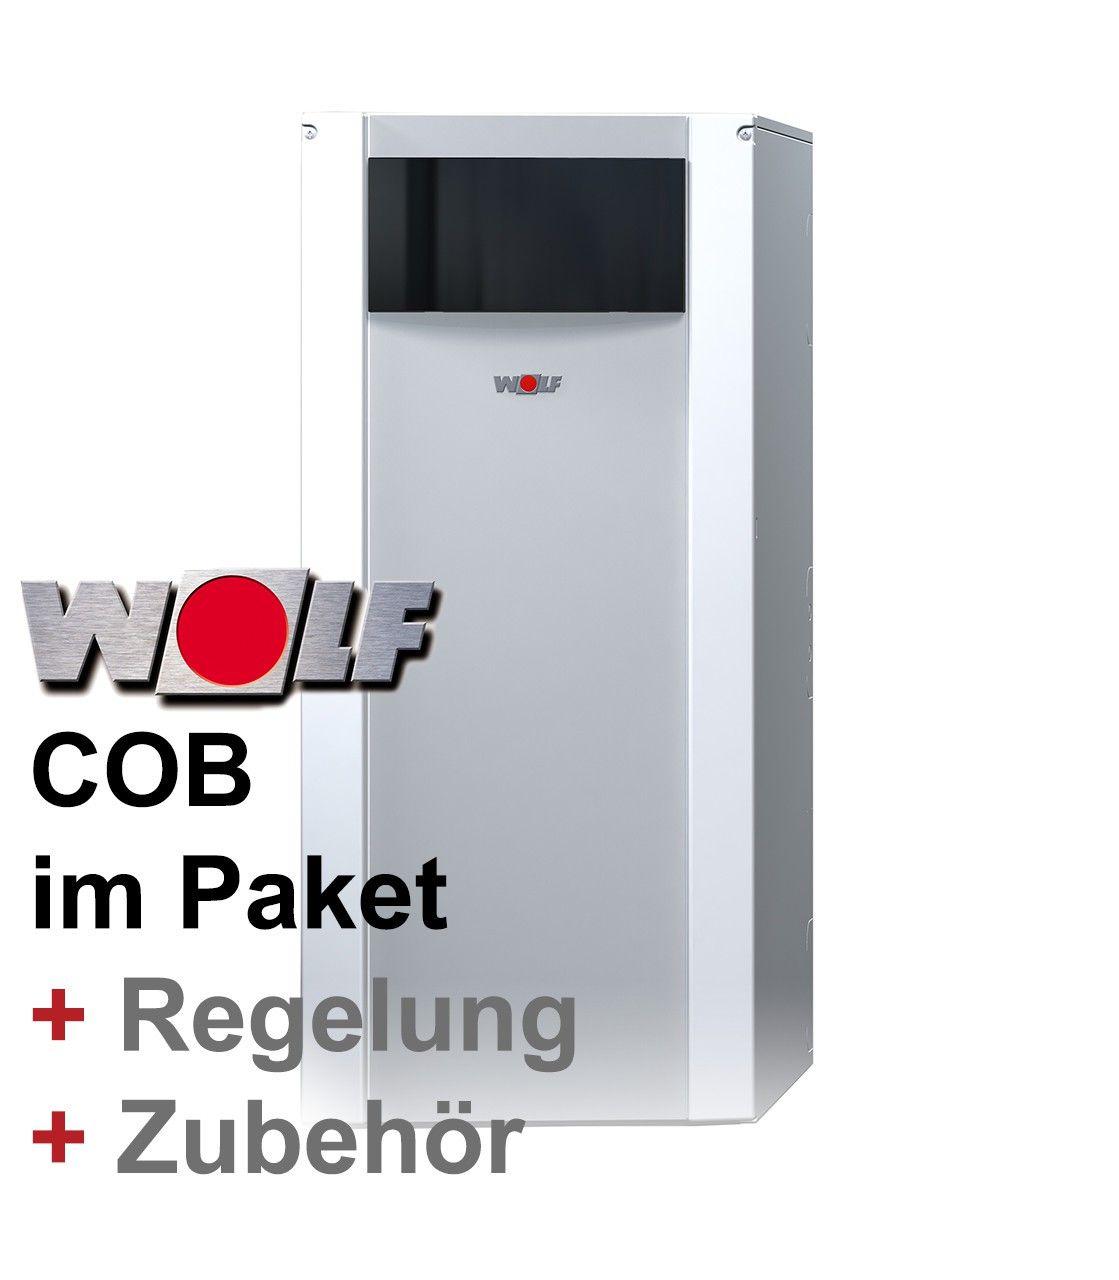 wolf comfortline Öl-brennwertkessel cob paket | Ölheizungen bei